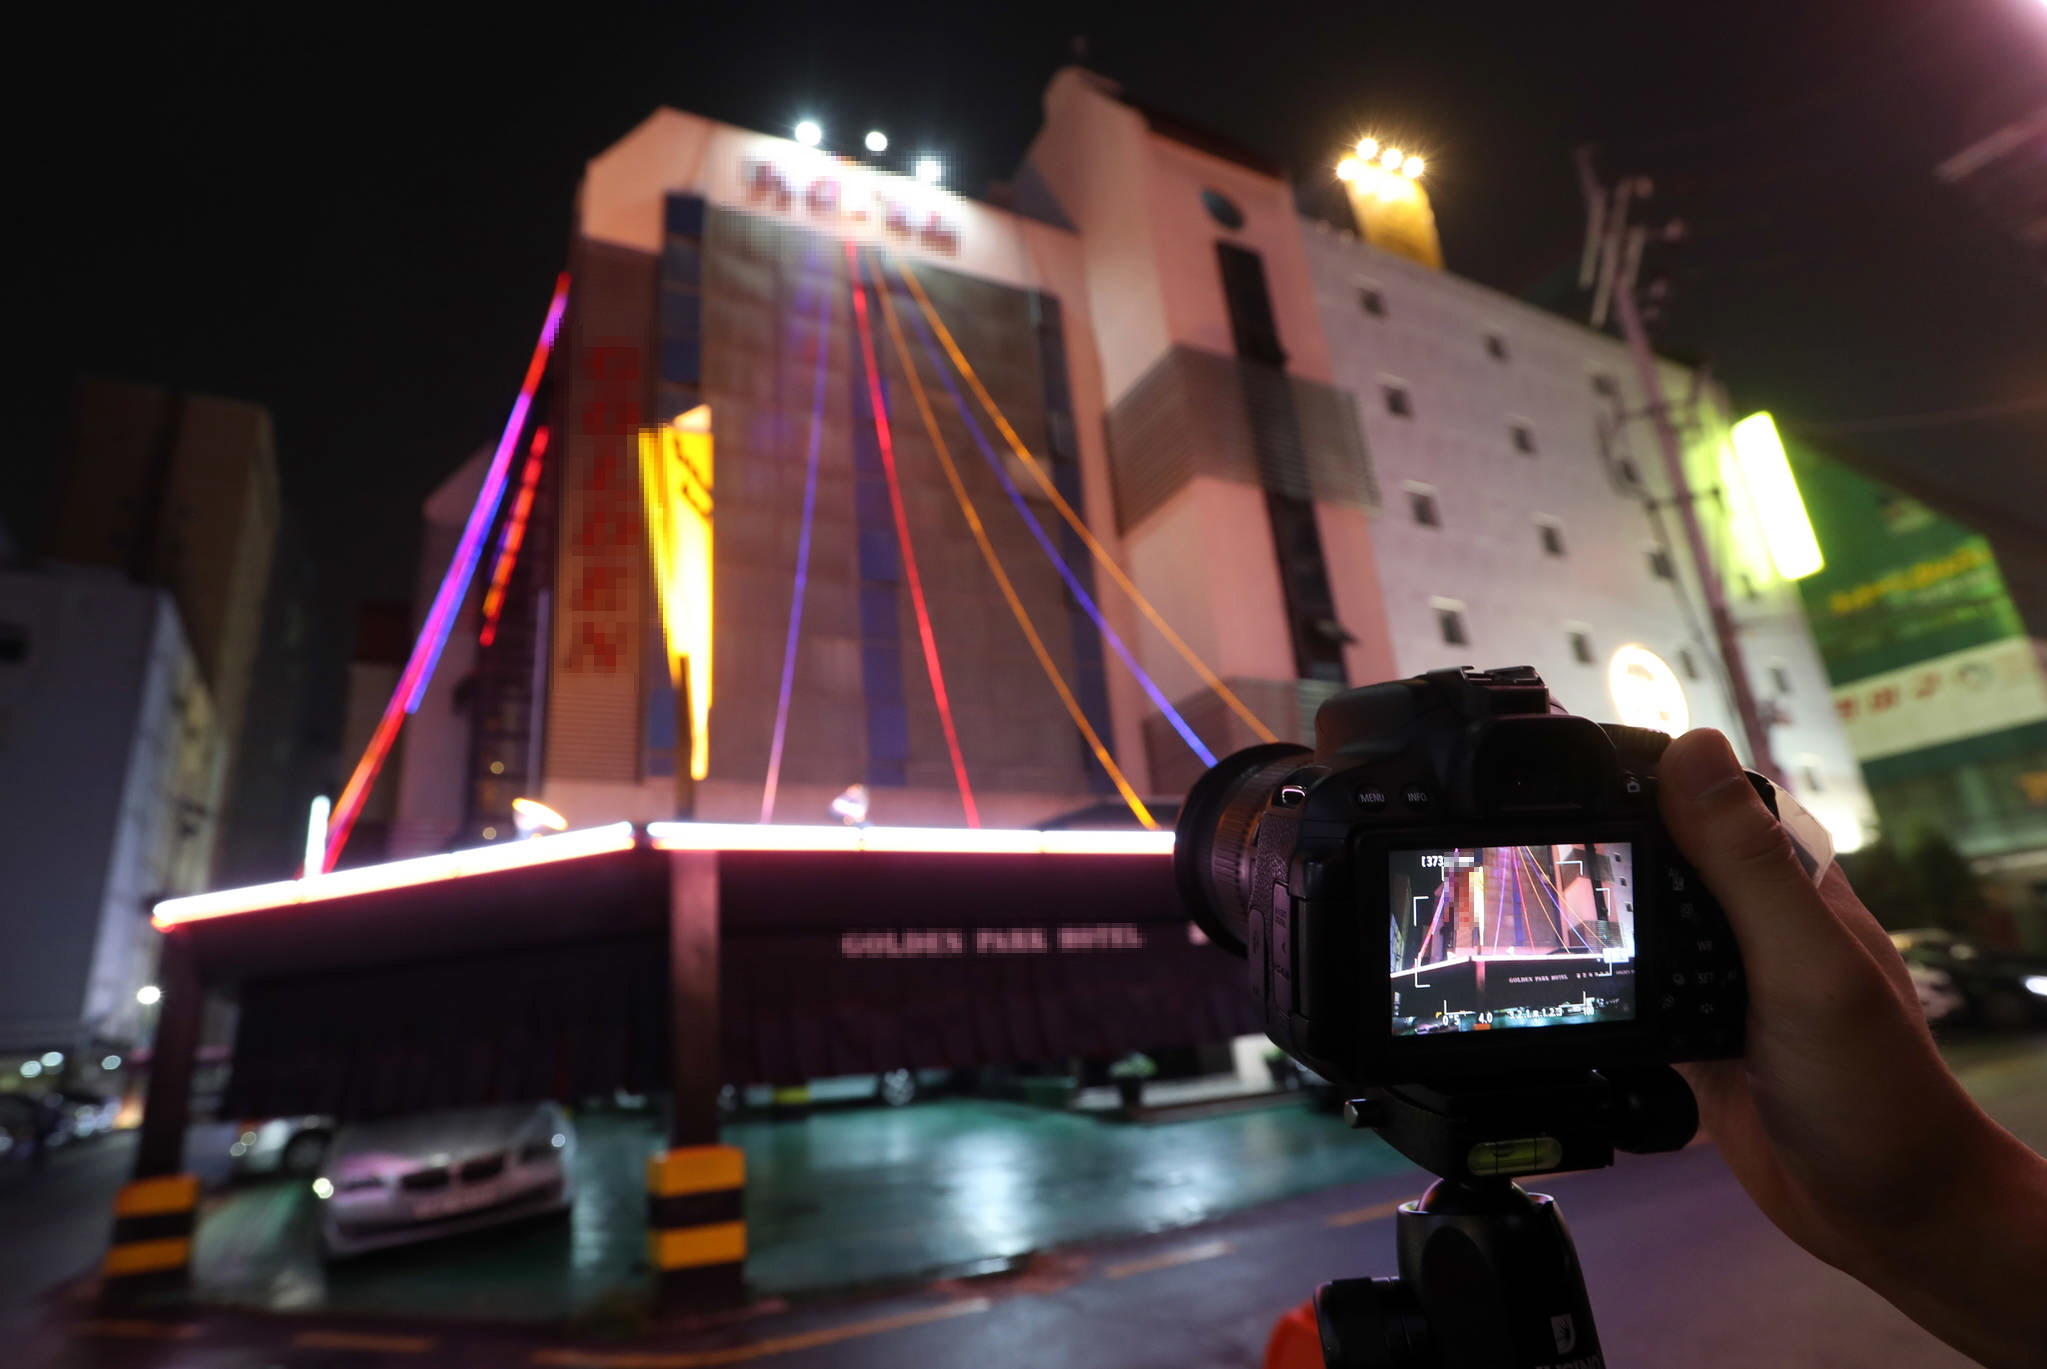 서울의 한 자치구에서 진행된 빛 공해 조사 장면. 전문가가 한 광고조명의 휘도를 측정하고 있다. 강정현 기자